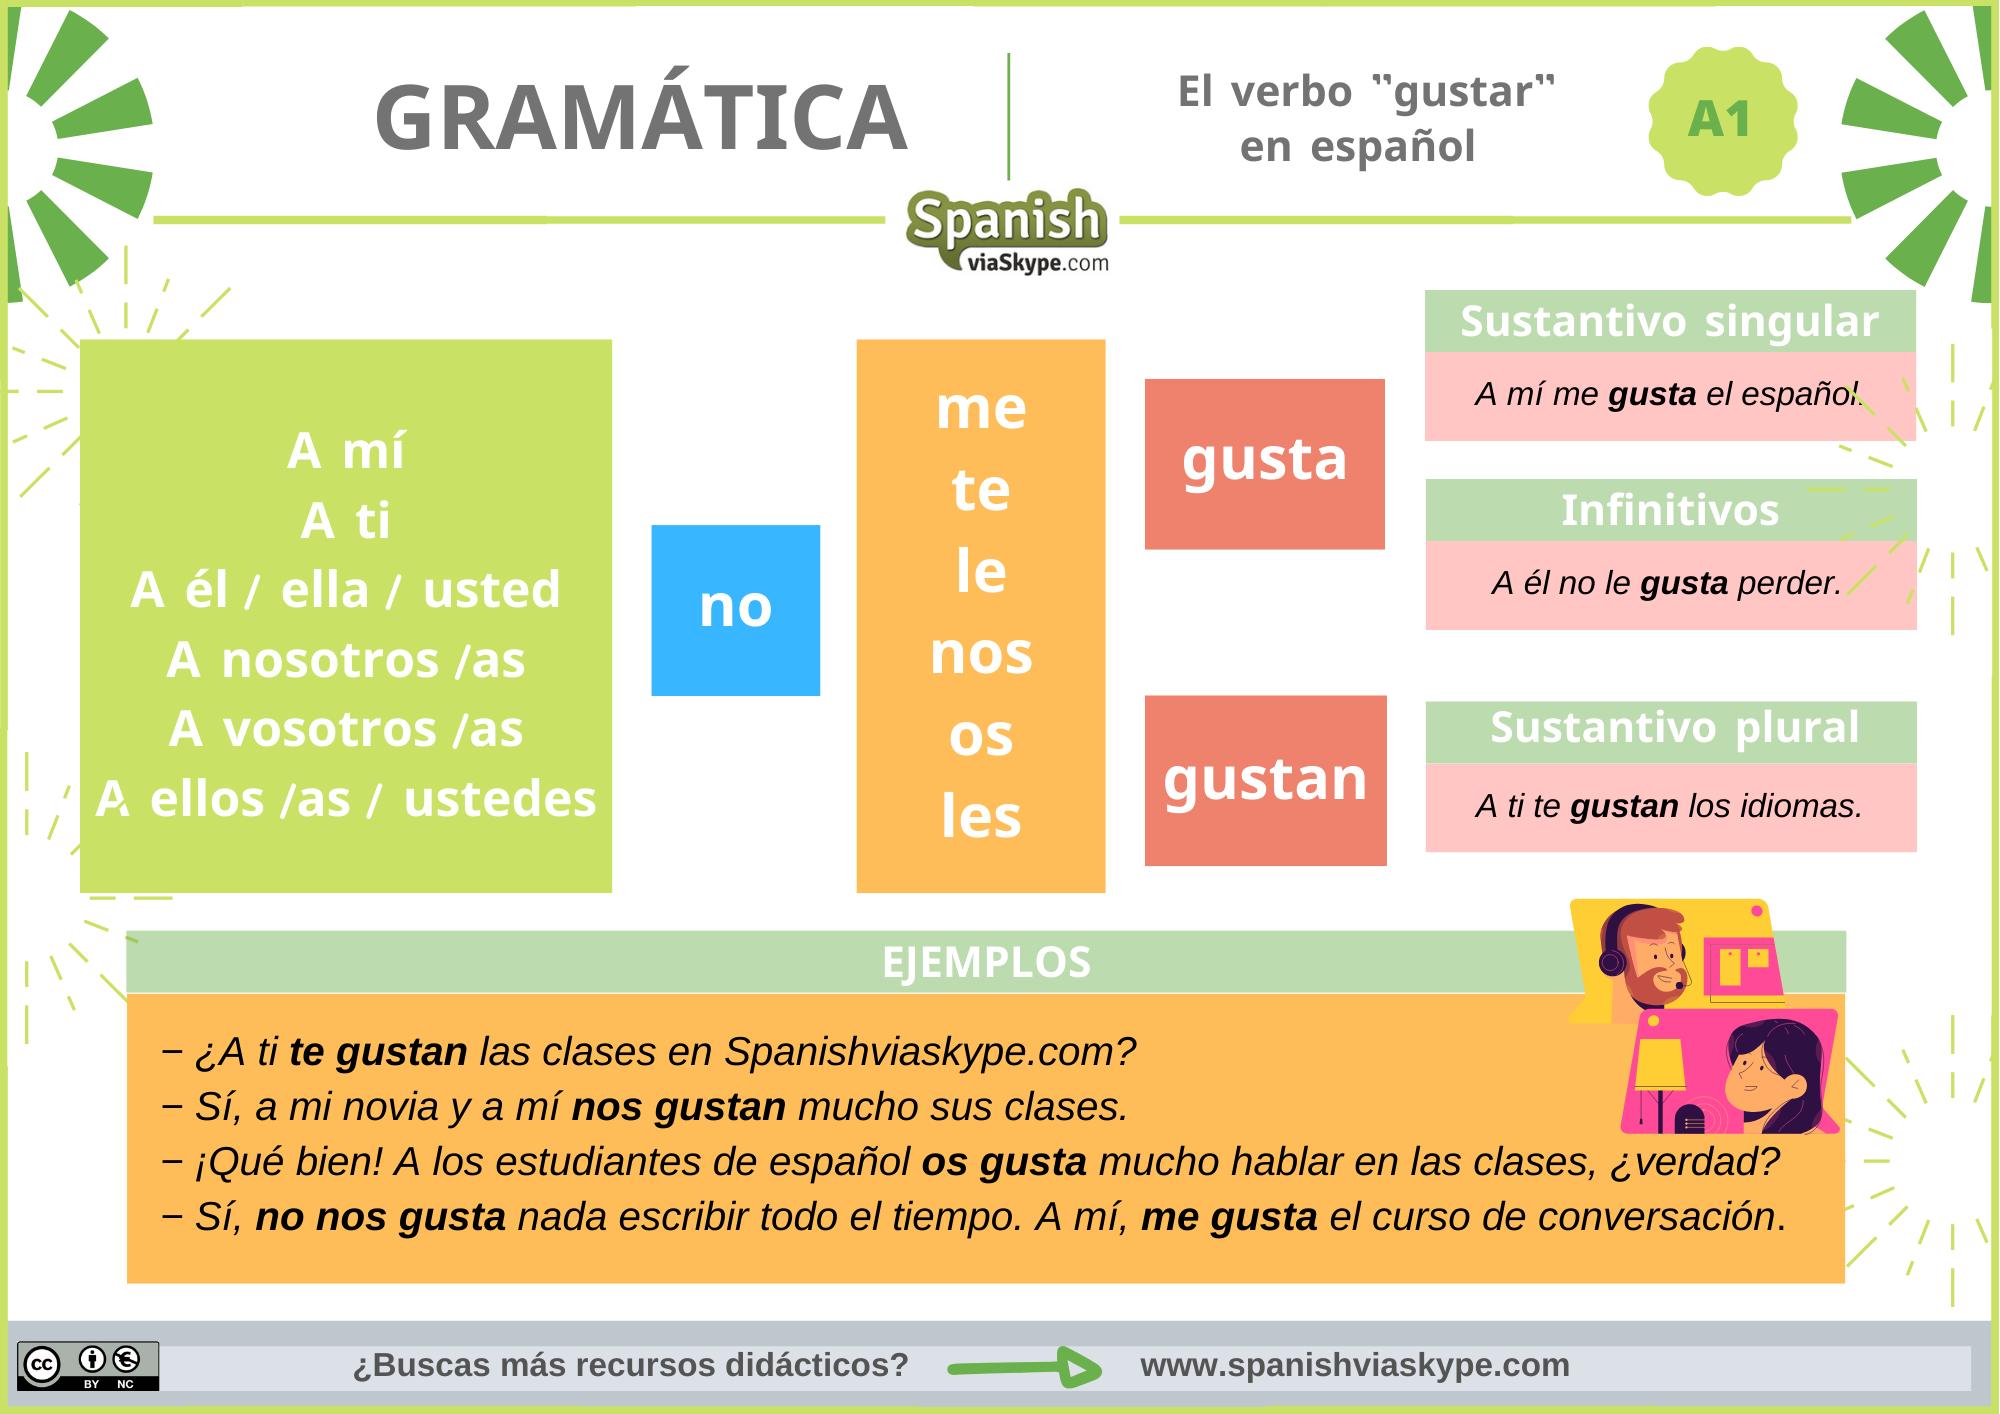 el verbo gustar en español